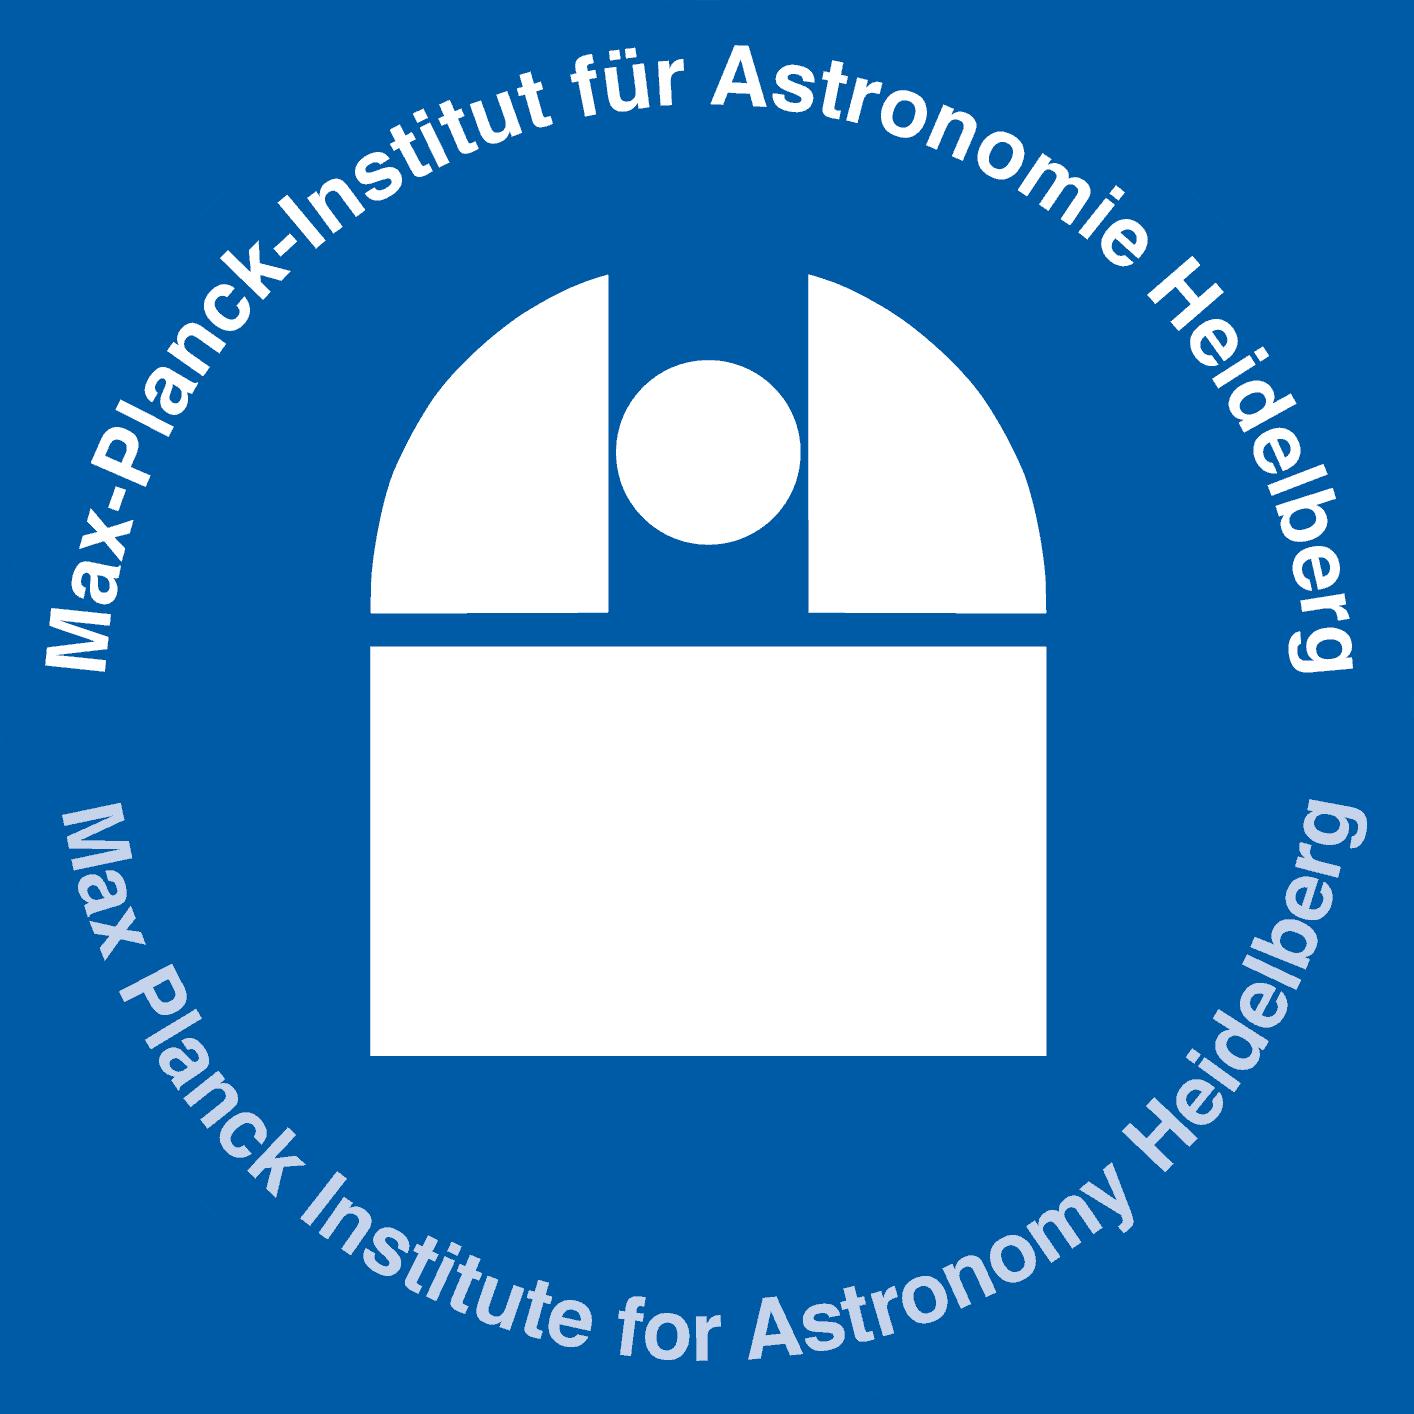 Das Max-Planck-Institut für Astronomie verwendet den piezobrush PZ2 zur Plasmaaktivierung von Klebeflächen aus CFK und Glas / Glaskeramik.